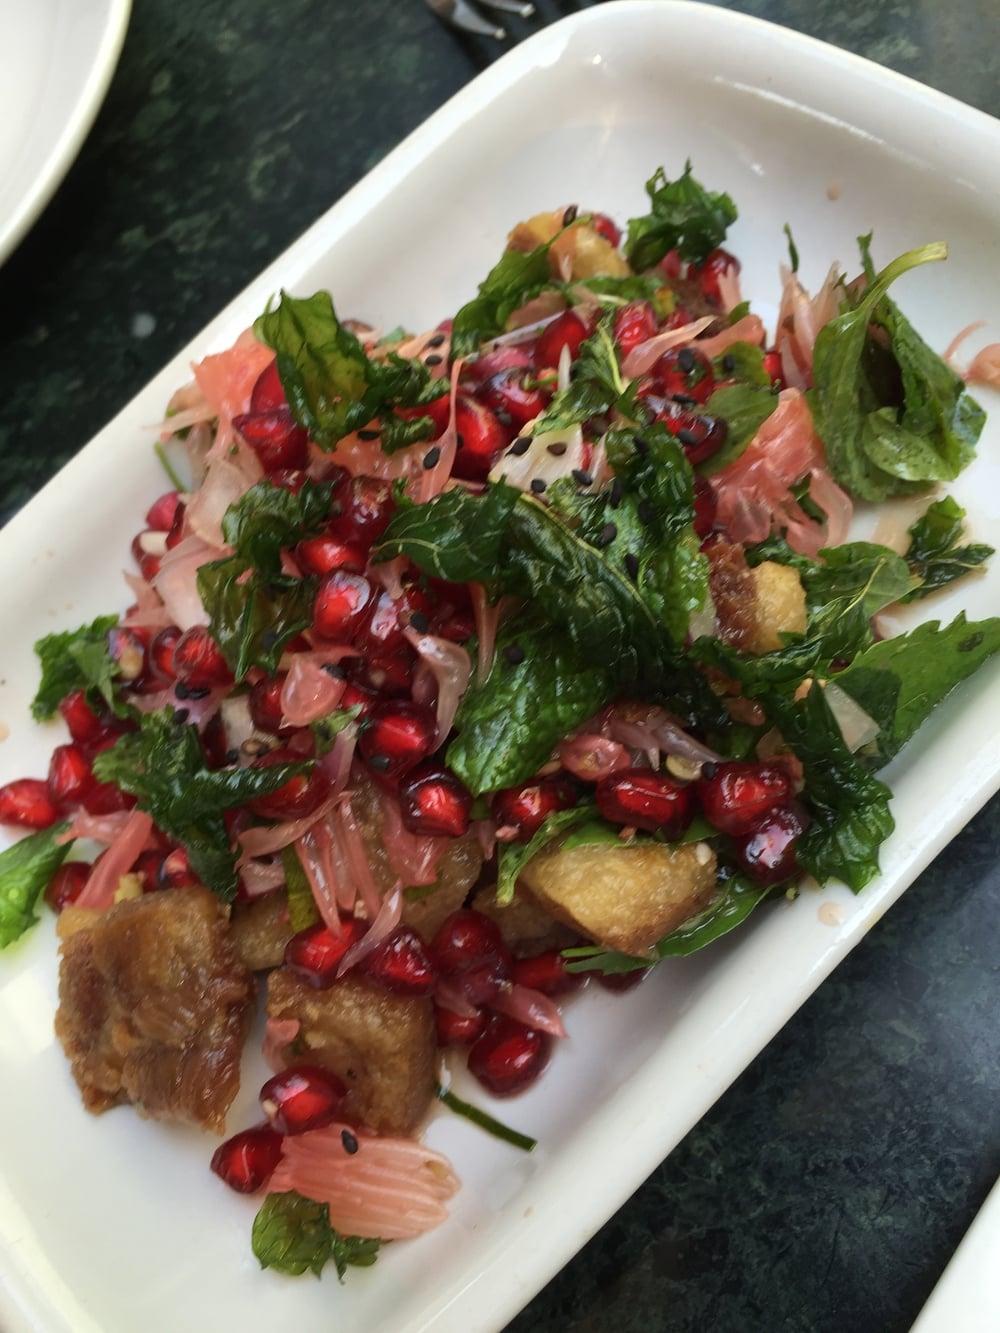 Crispy pork and pomegranate salad